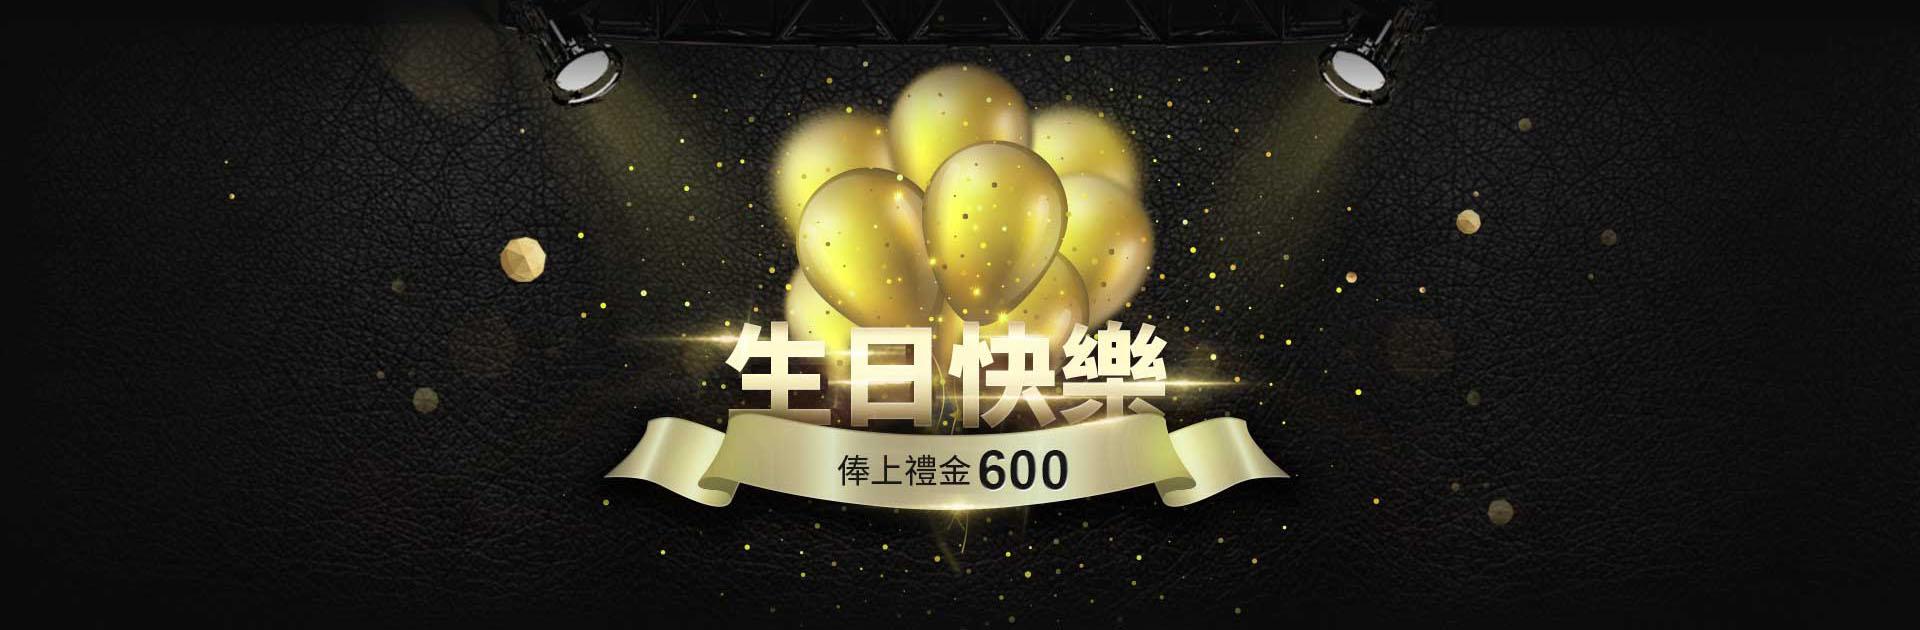 生日娛樂城禮金 600